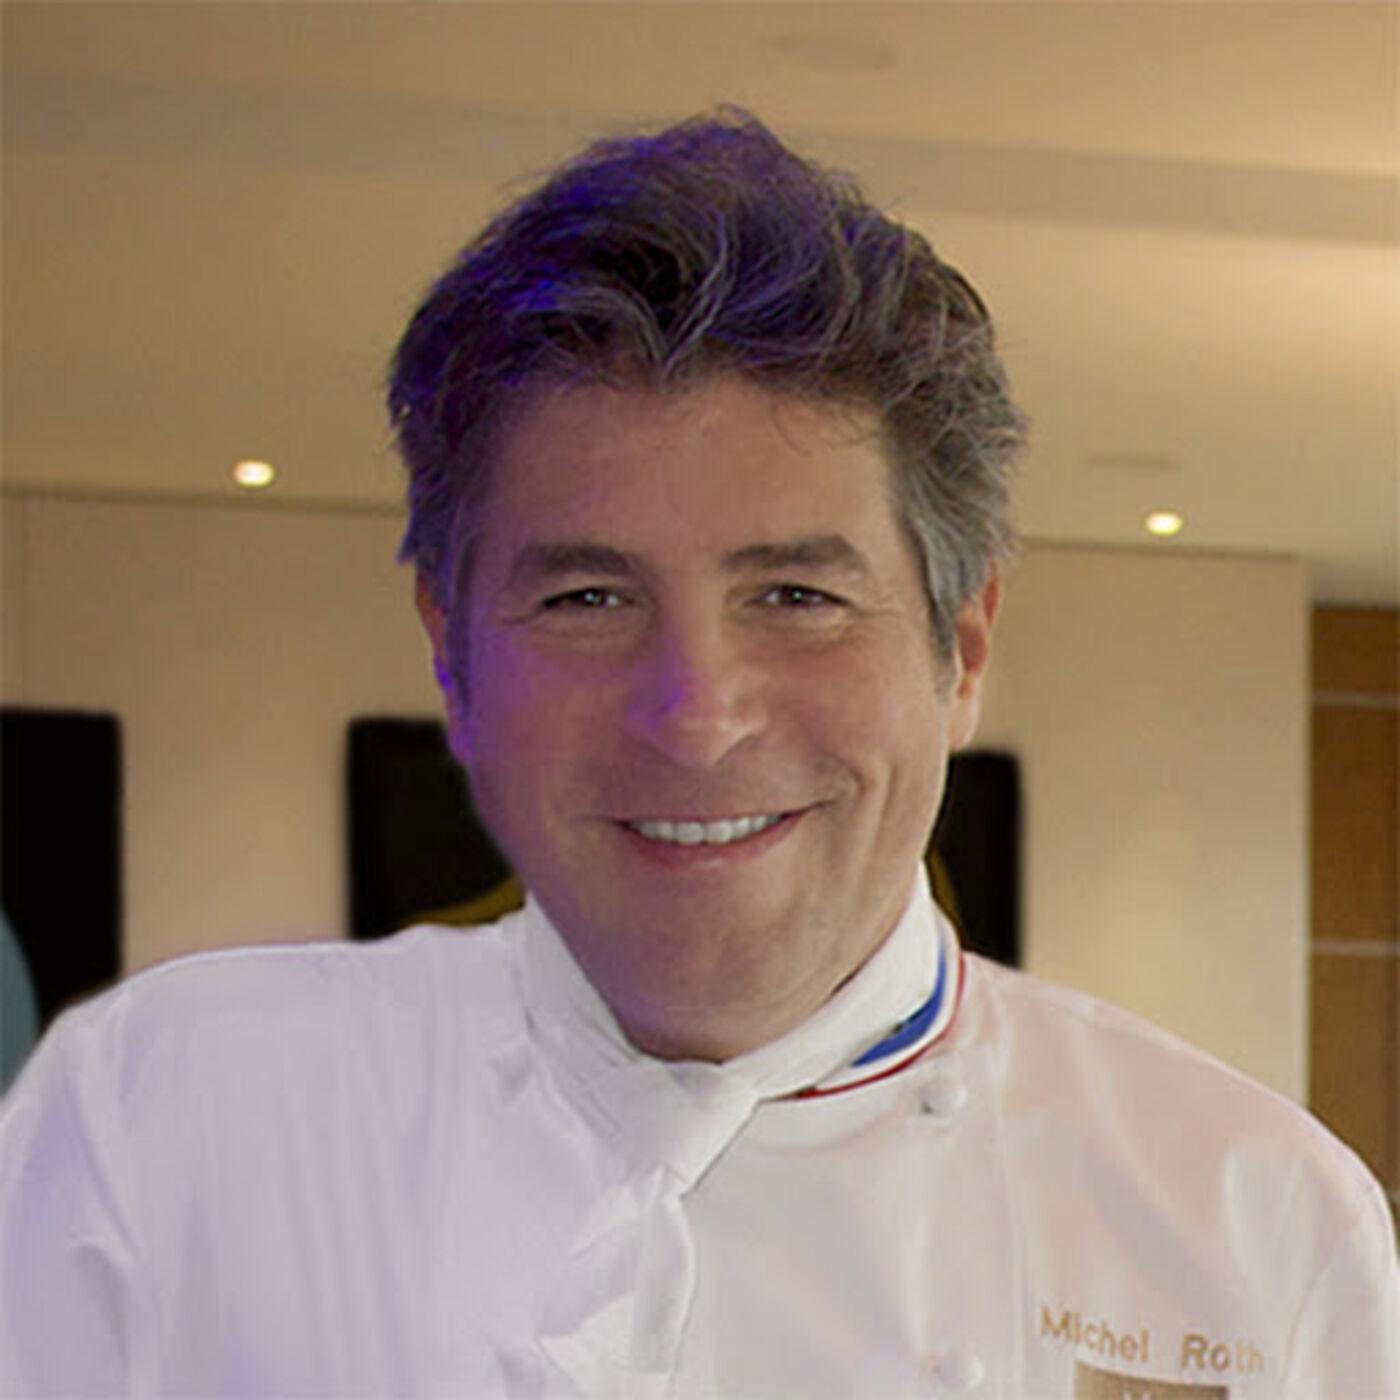 Entretien avec Michel Roth, Chef au service des papilles des passagers d'Air France